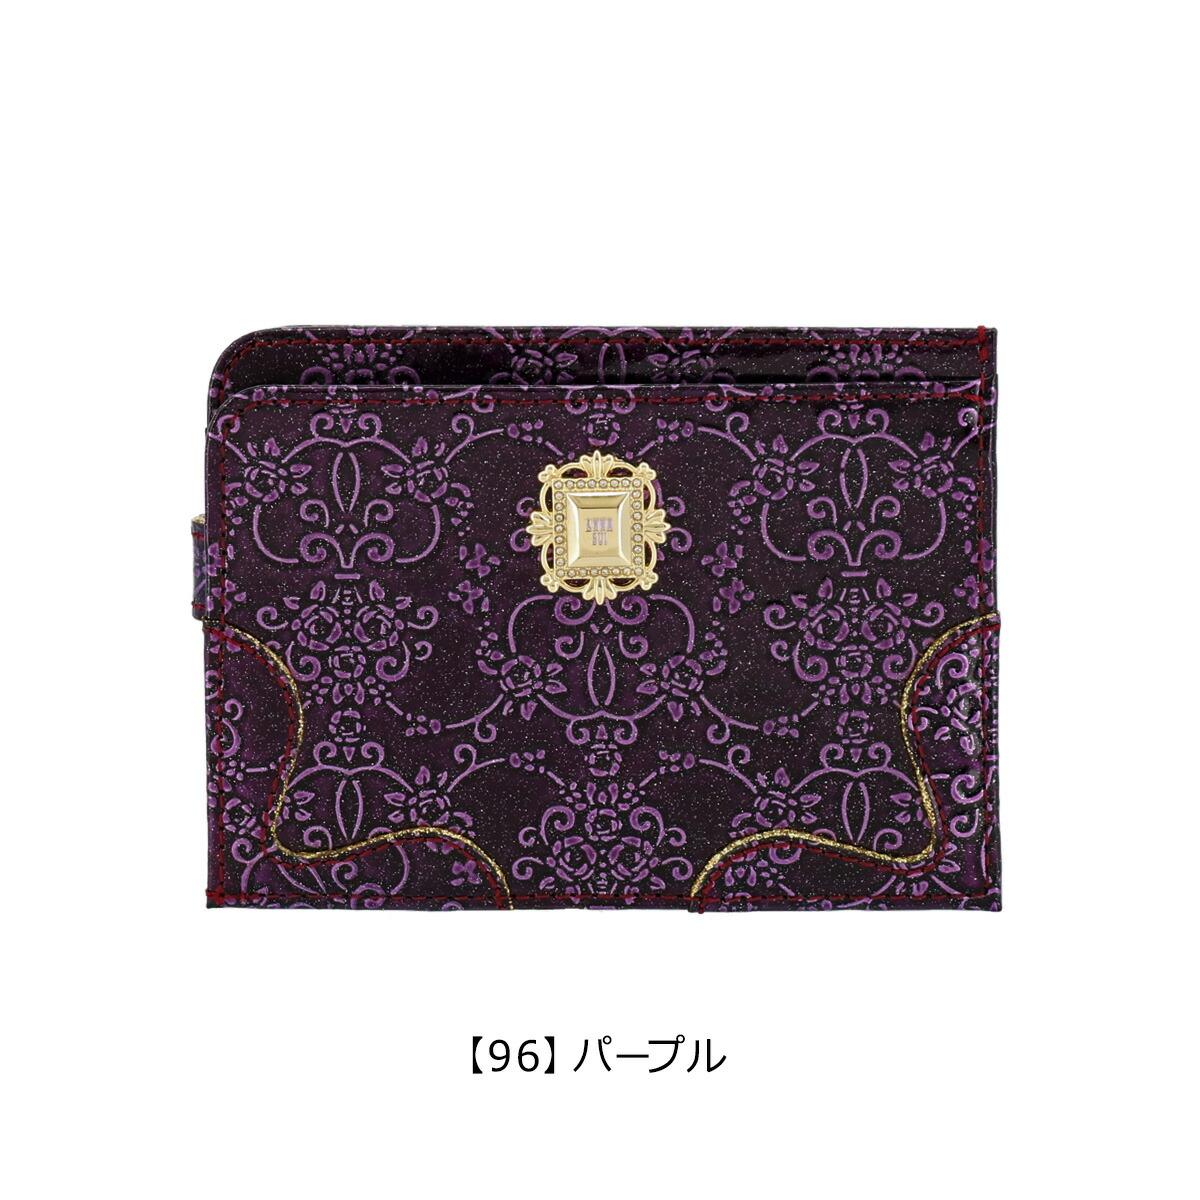 【96】パープル